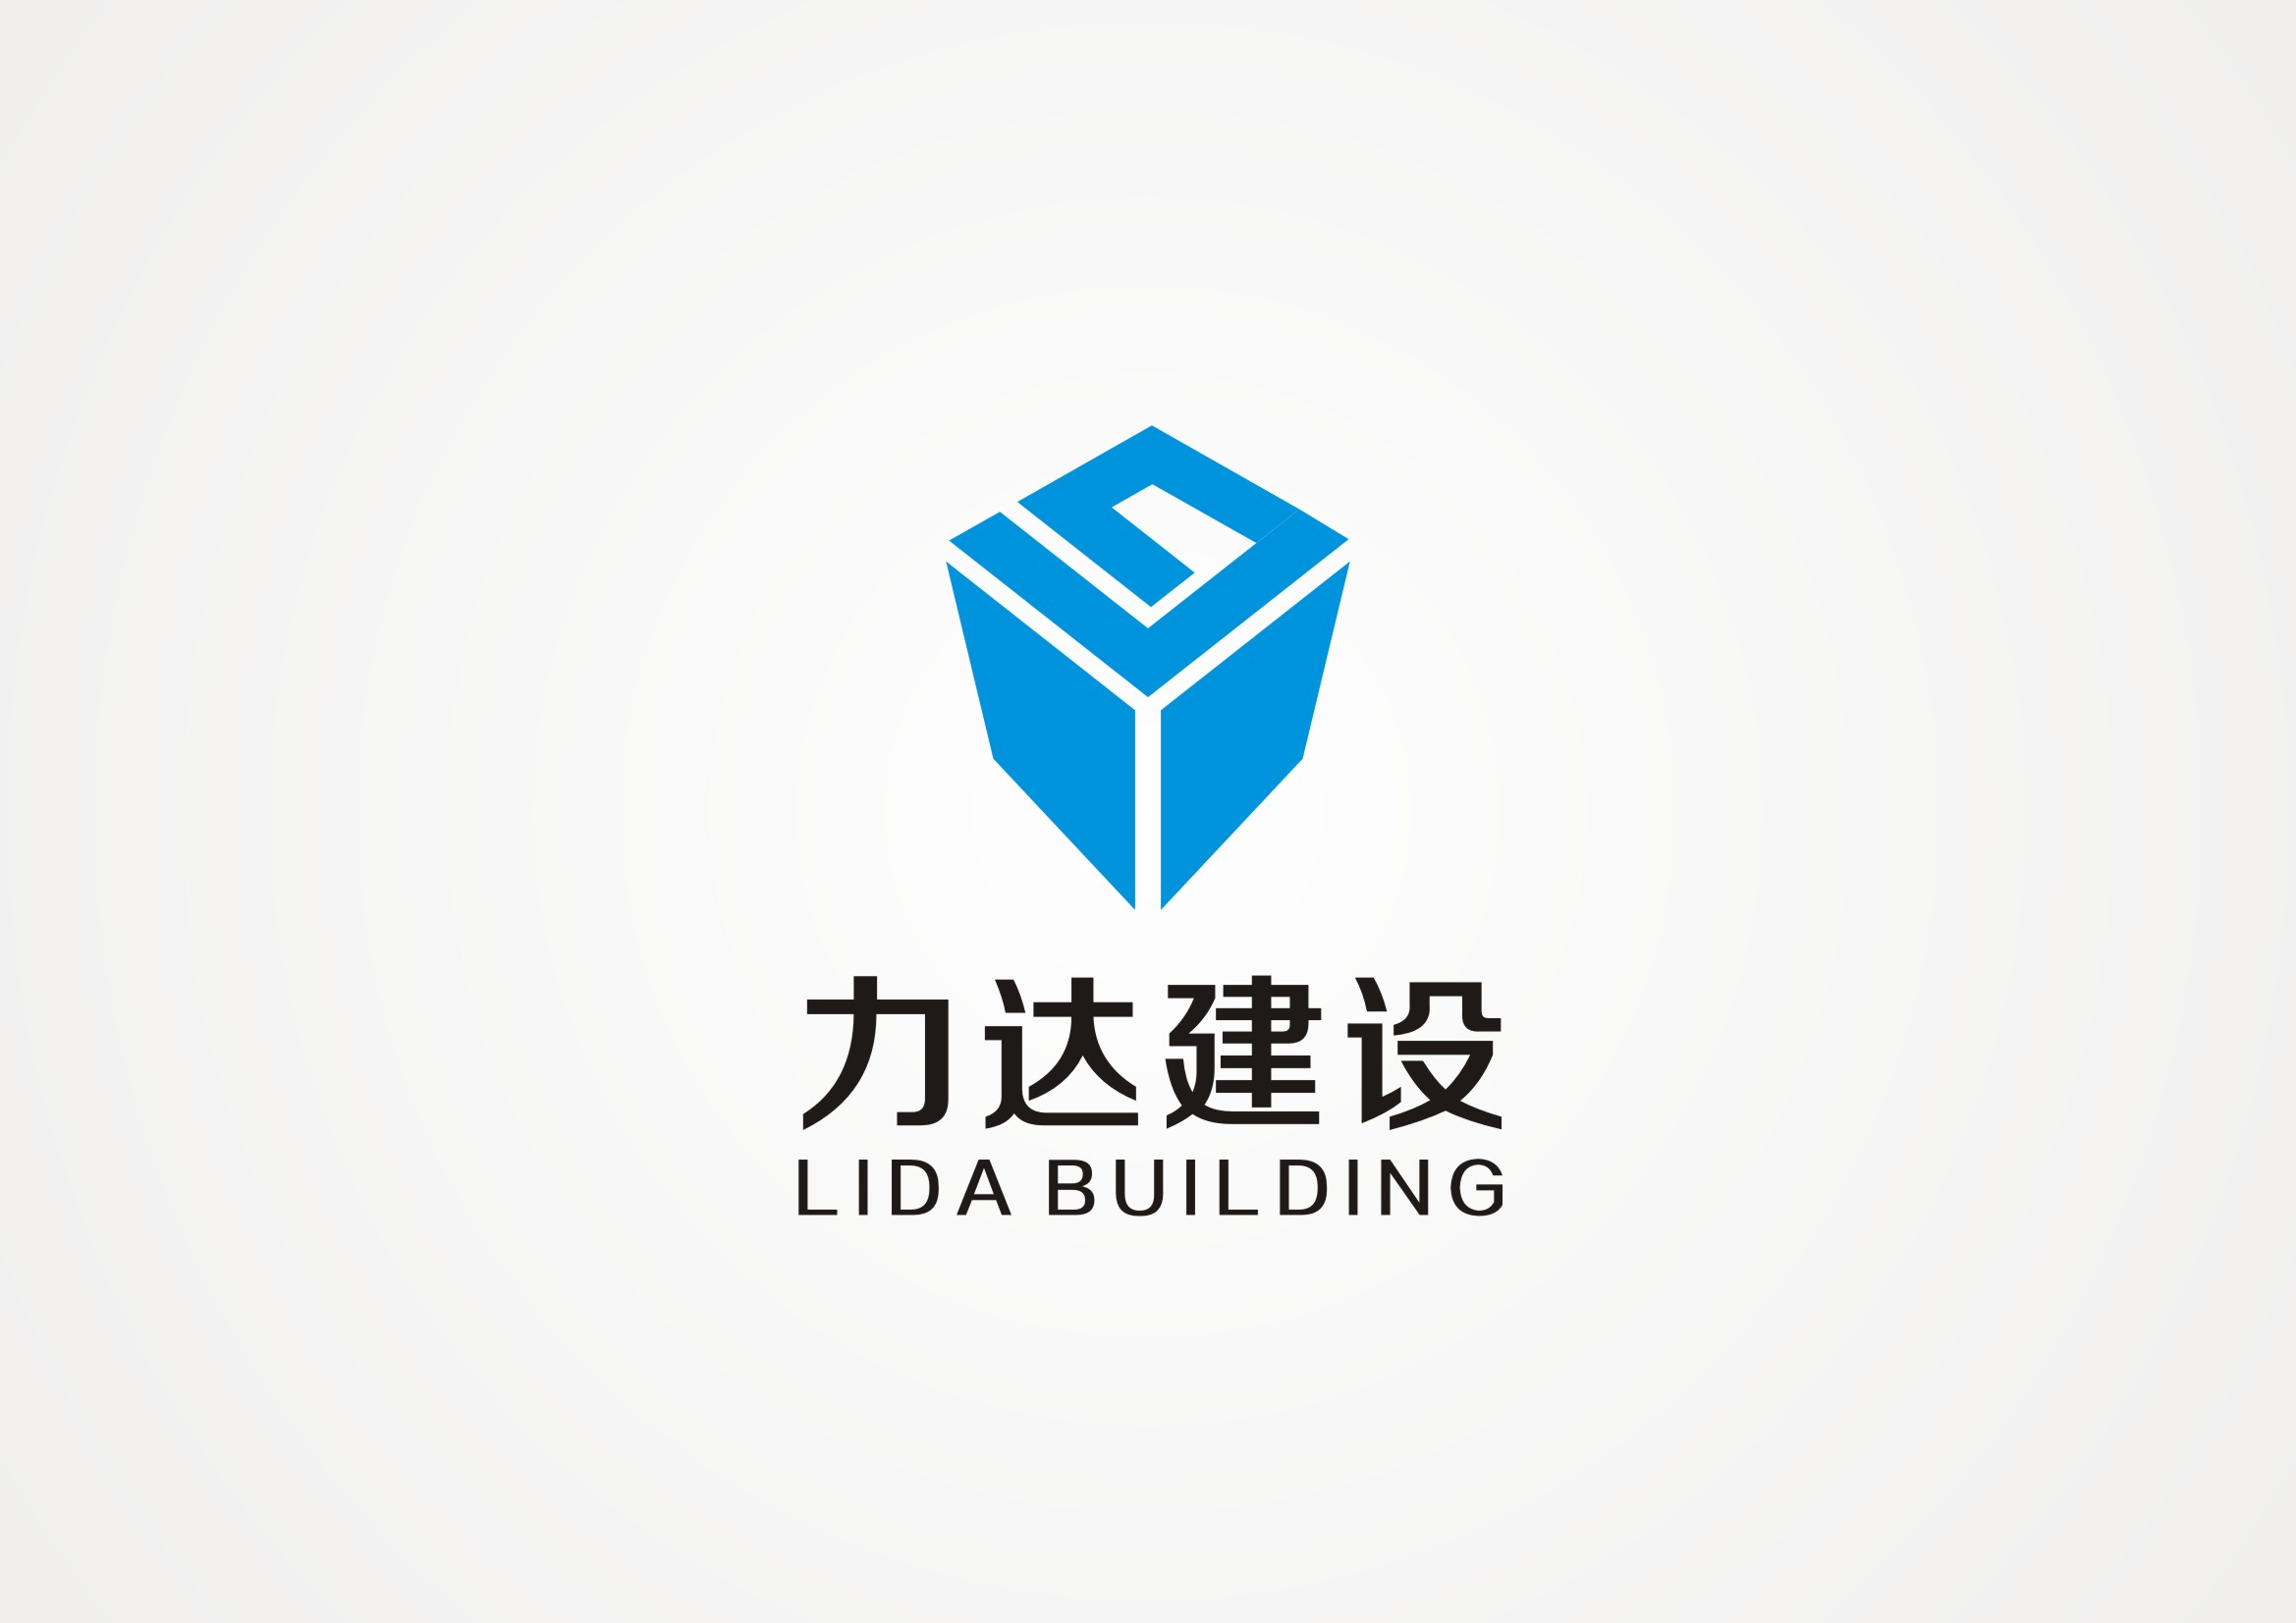 廣東力達建設工程項目管理有限公司